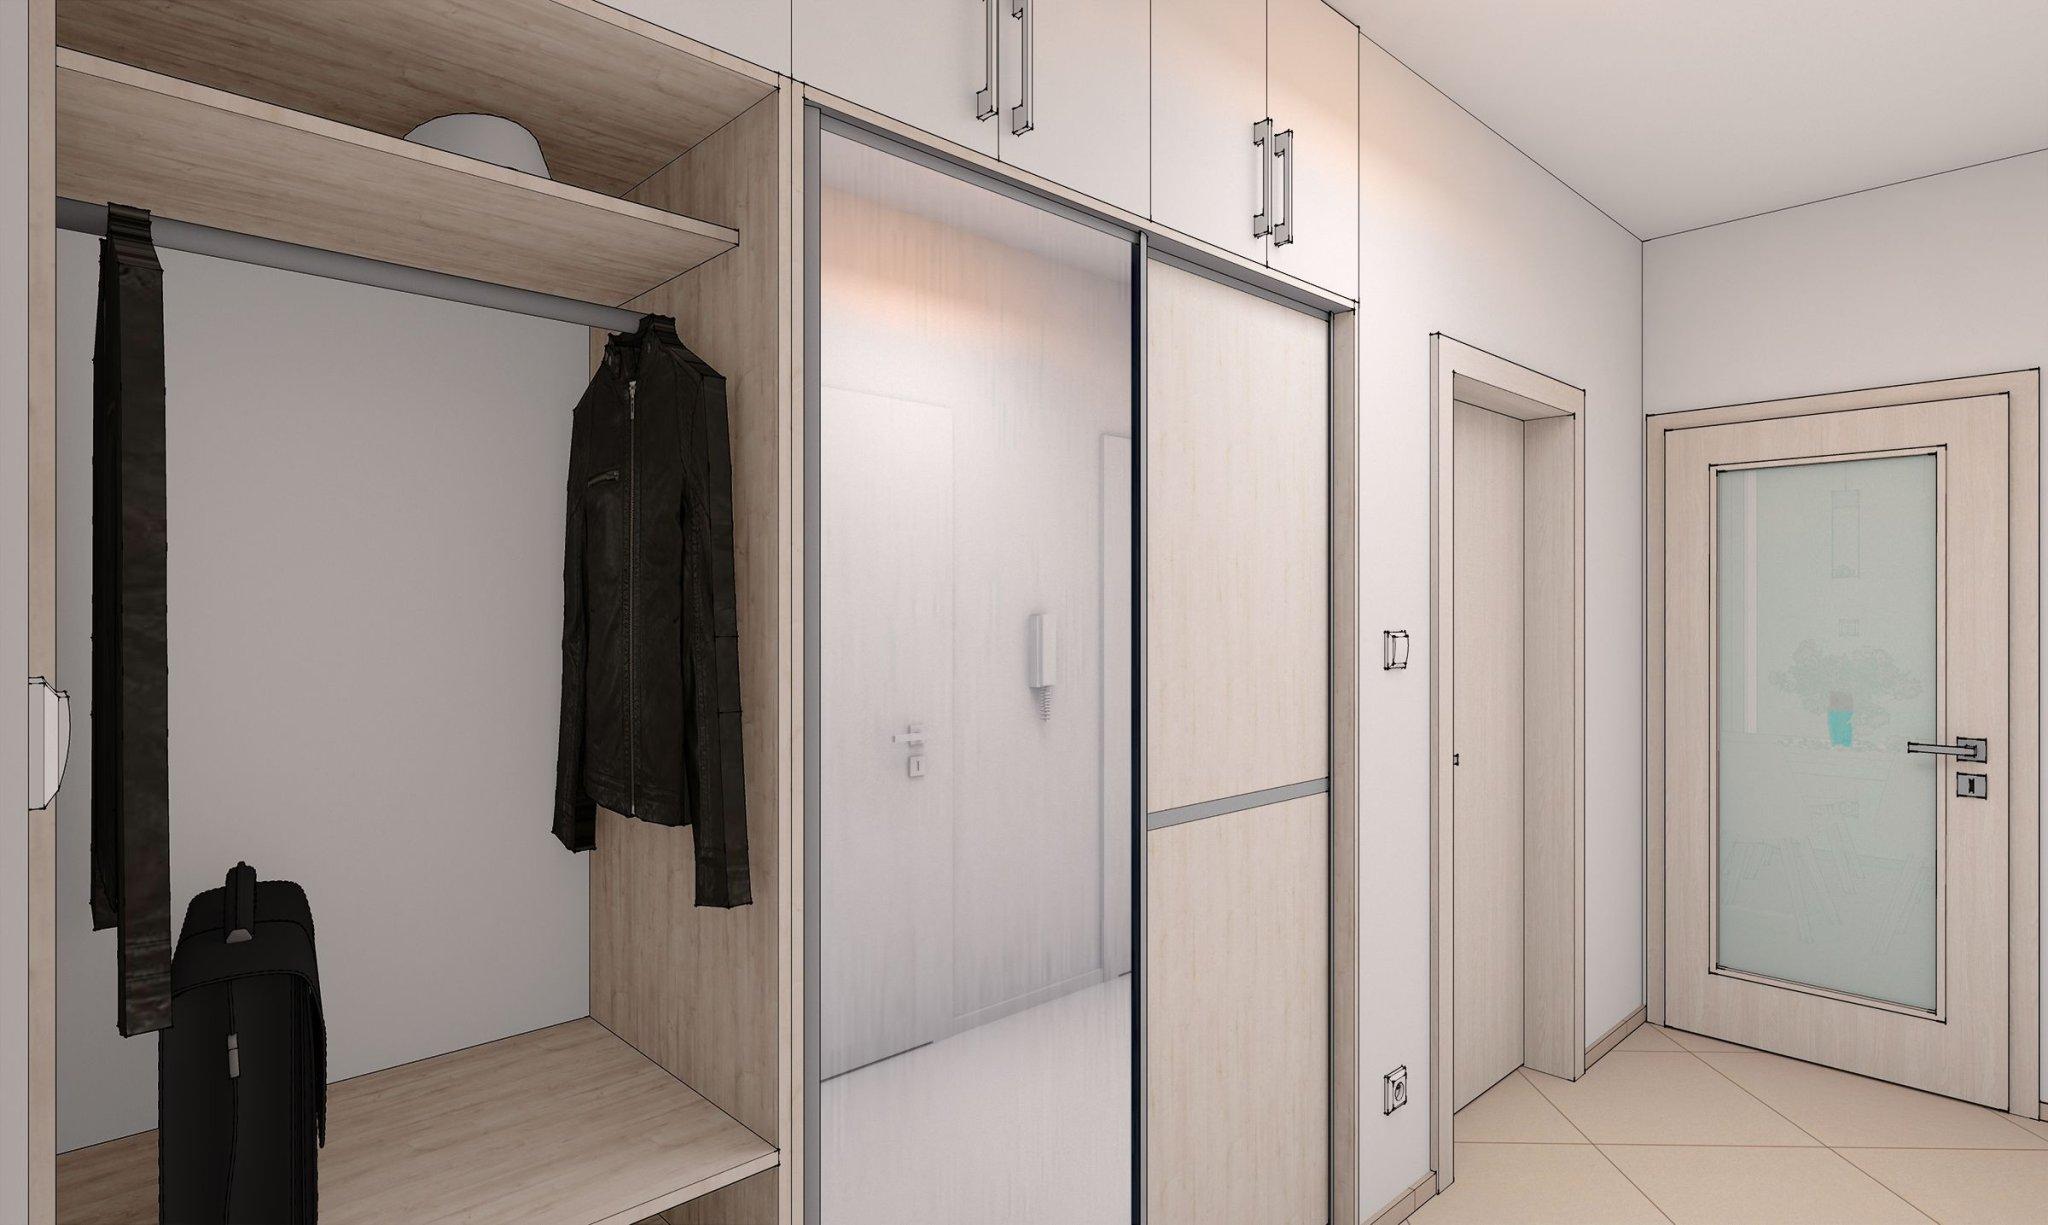 návrh interiéru předsíně bytu